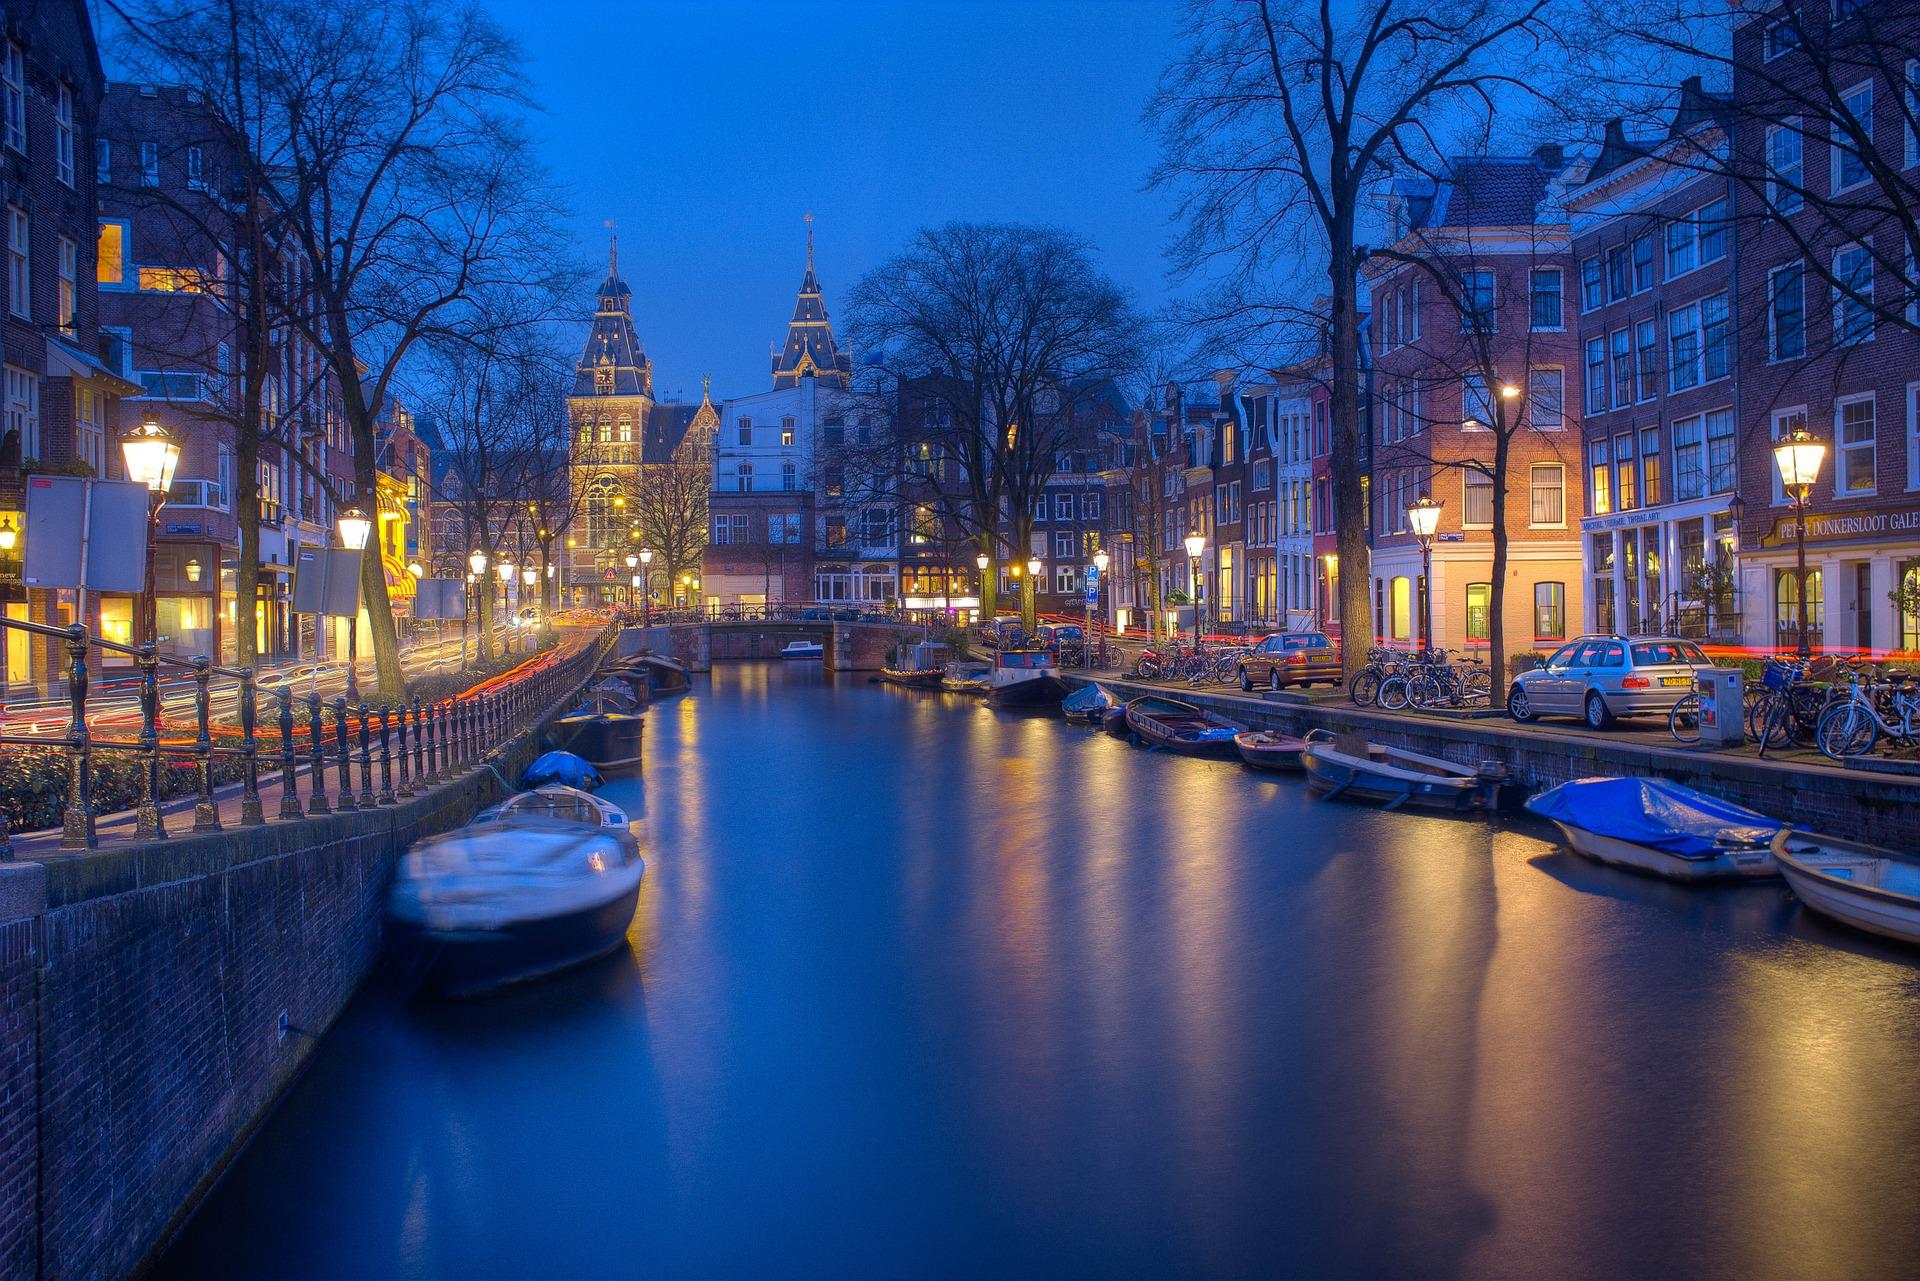 Άμστερνταμ, κανάλια, νύχτα, φώτα, βάρκες, Γαλήνη - Wallpapers HD - Professor-falken.com